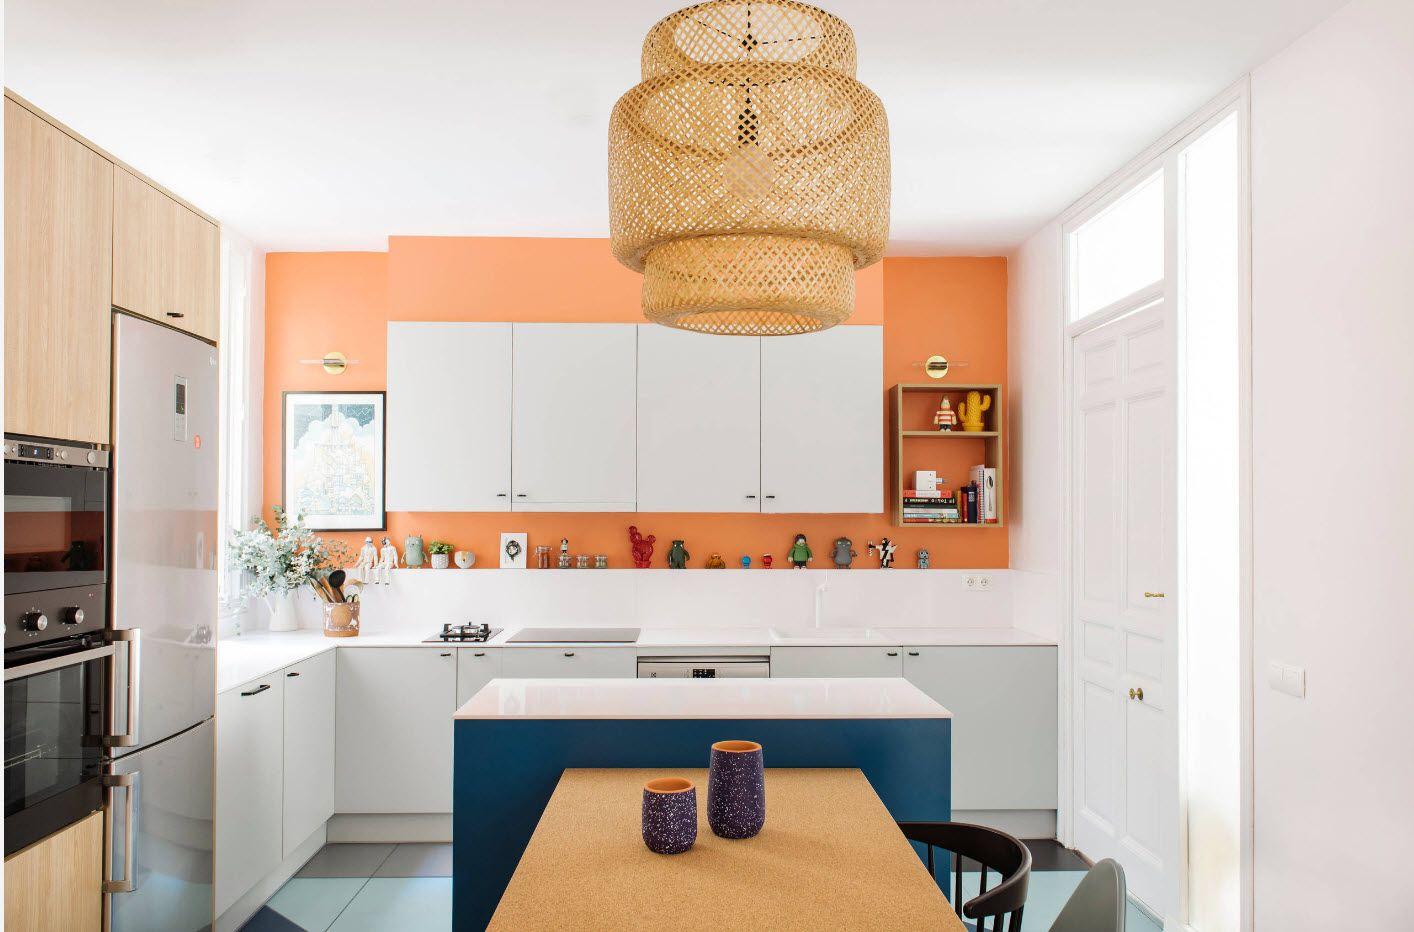 Accent orange wall in the Scandi kitchen design